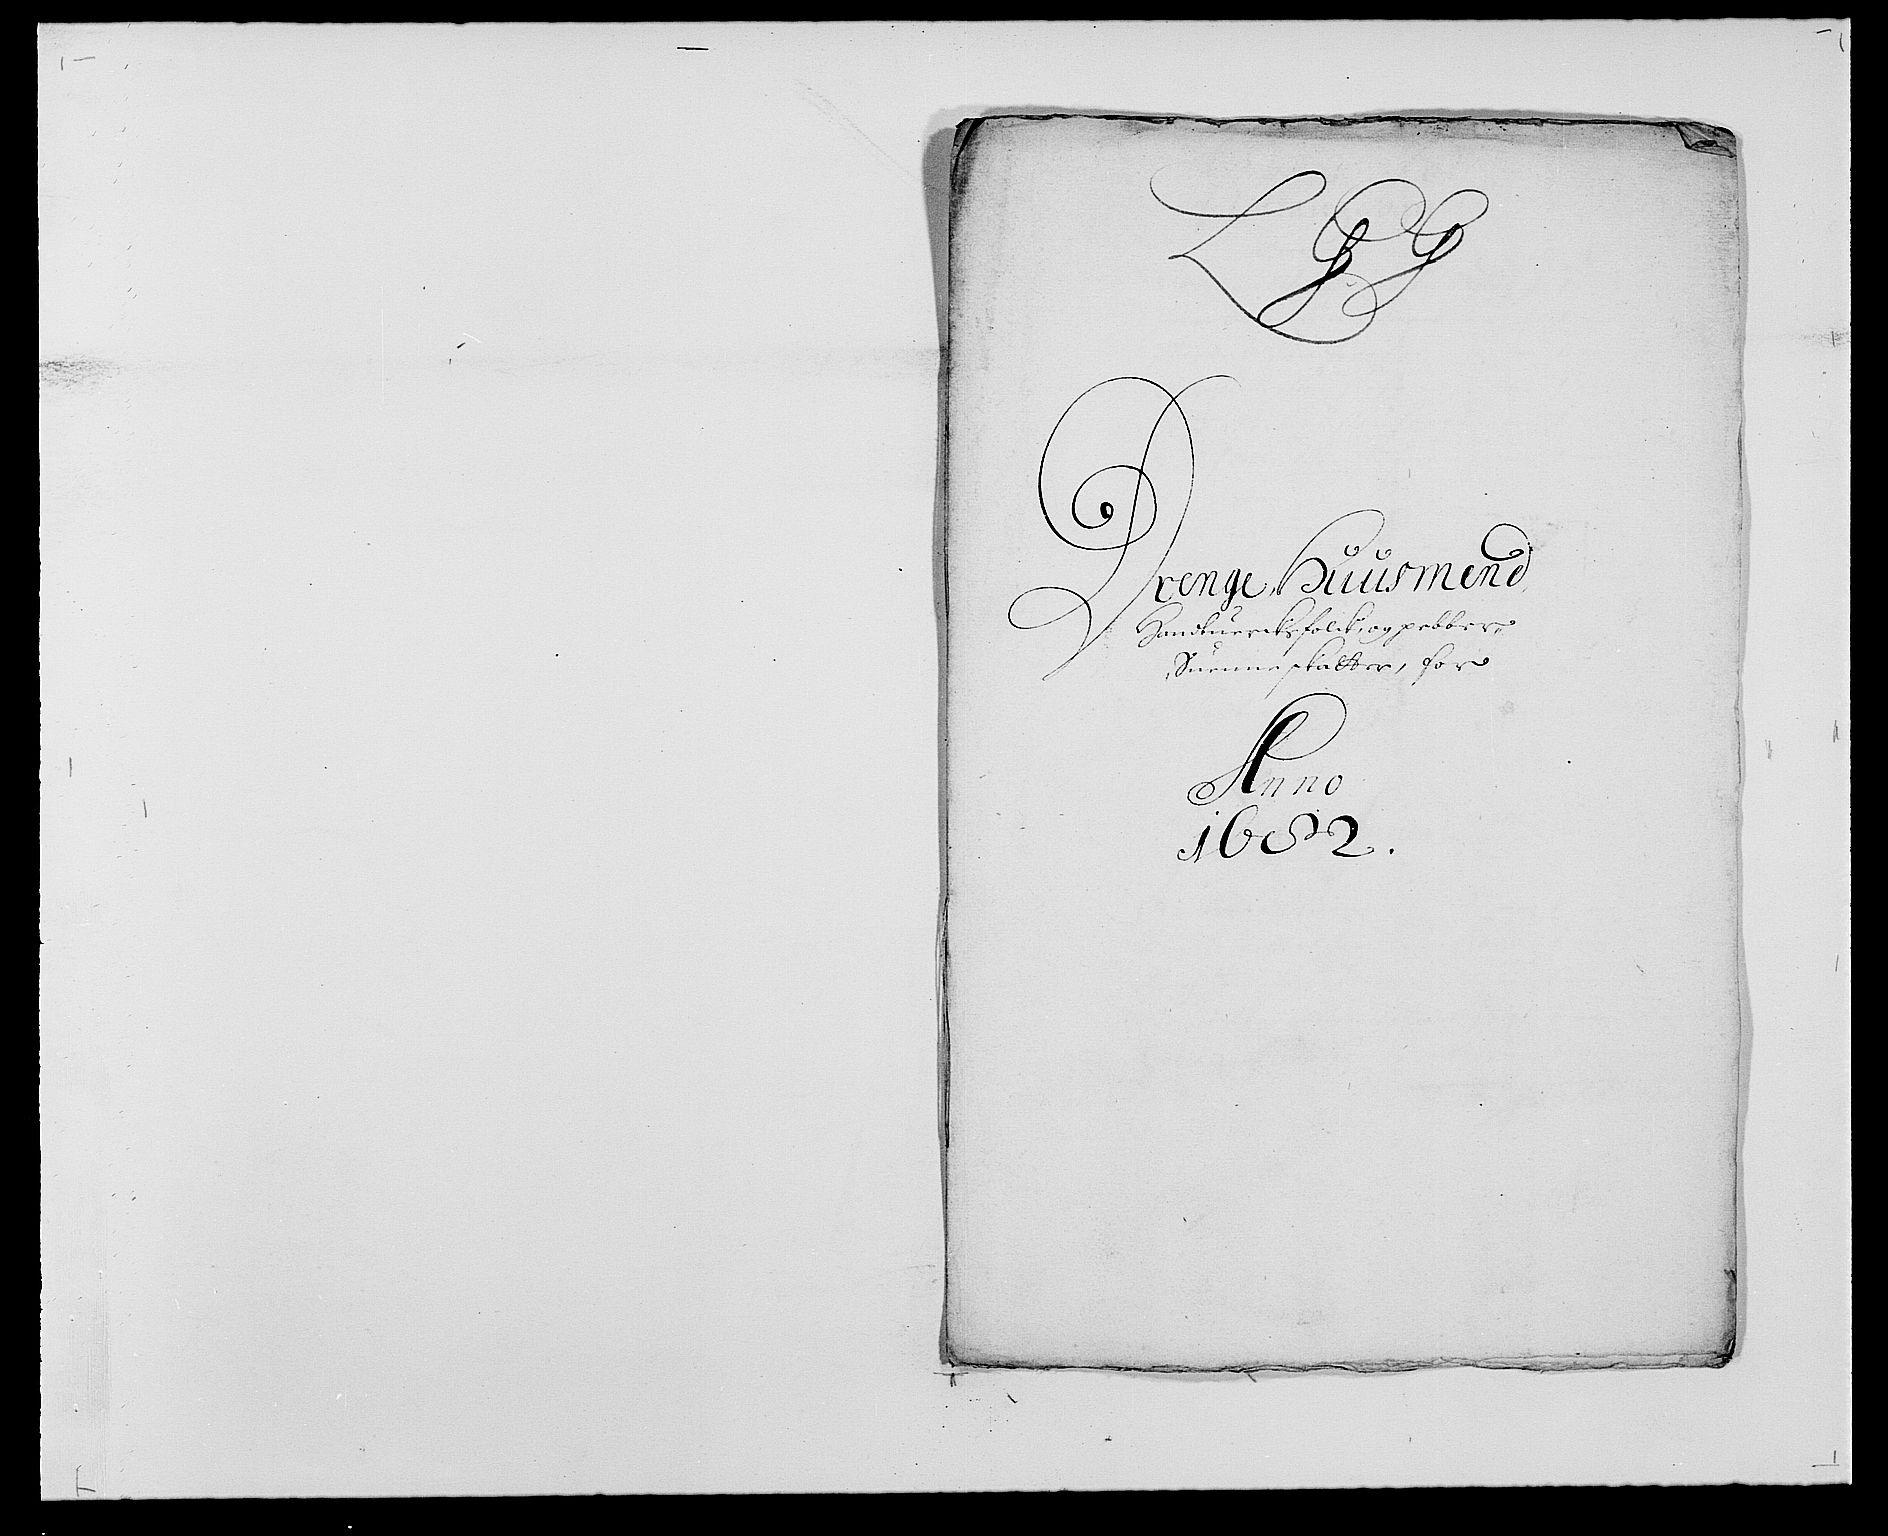 RA, Rentekammeret inntil 1814, Reviderte regnskaper, Fogderegnskap, R24/L1570: Fogderegnskap Numedal og Sandsvær, 1679-1686, s. 157